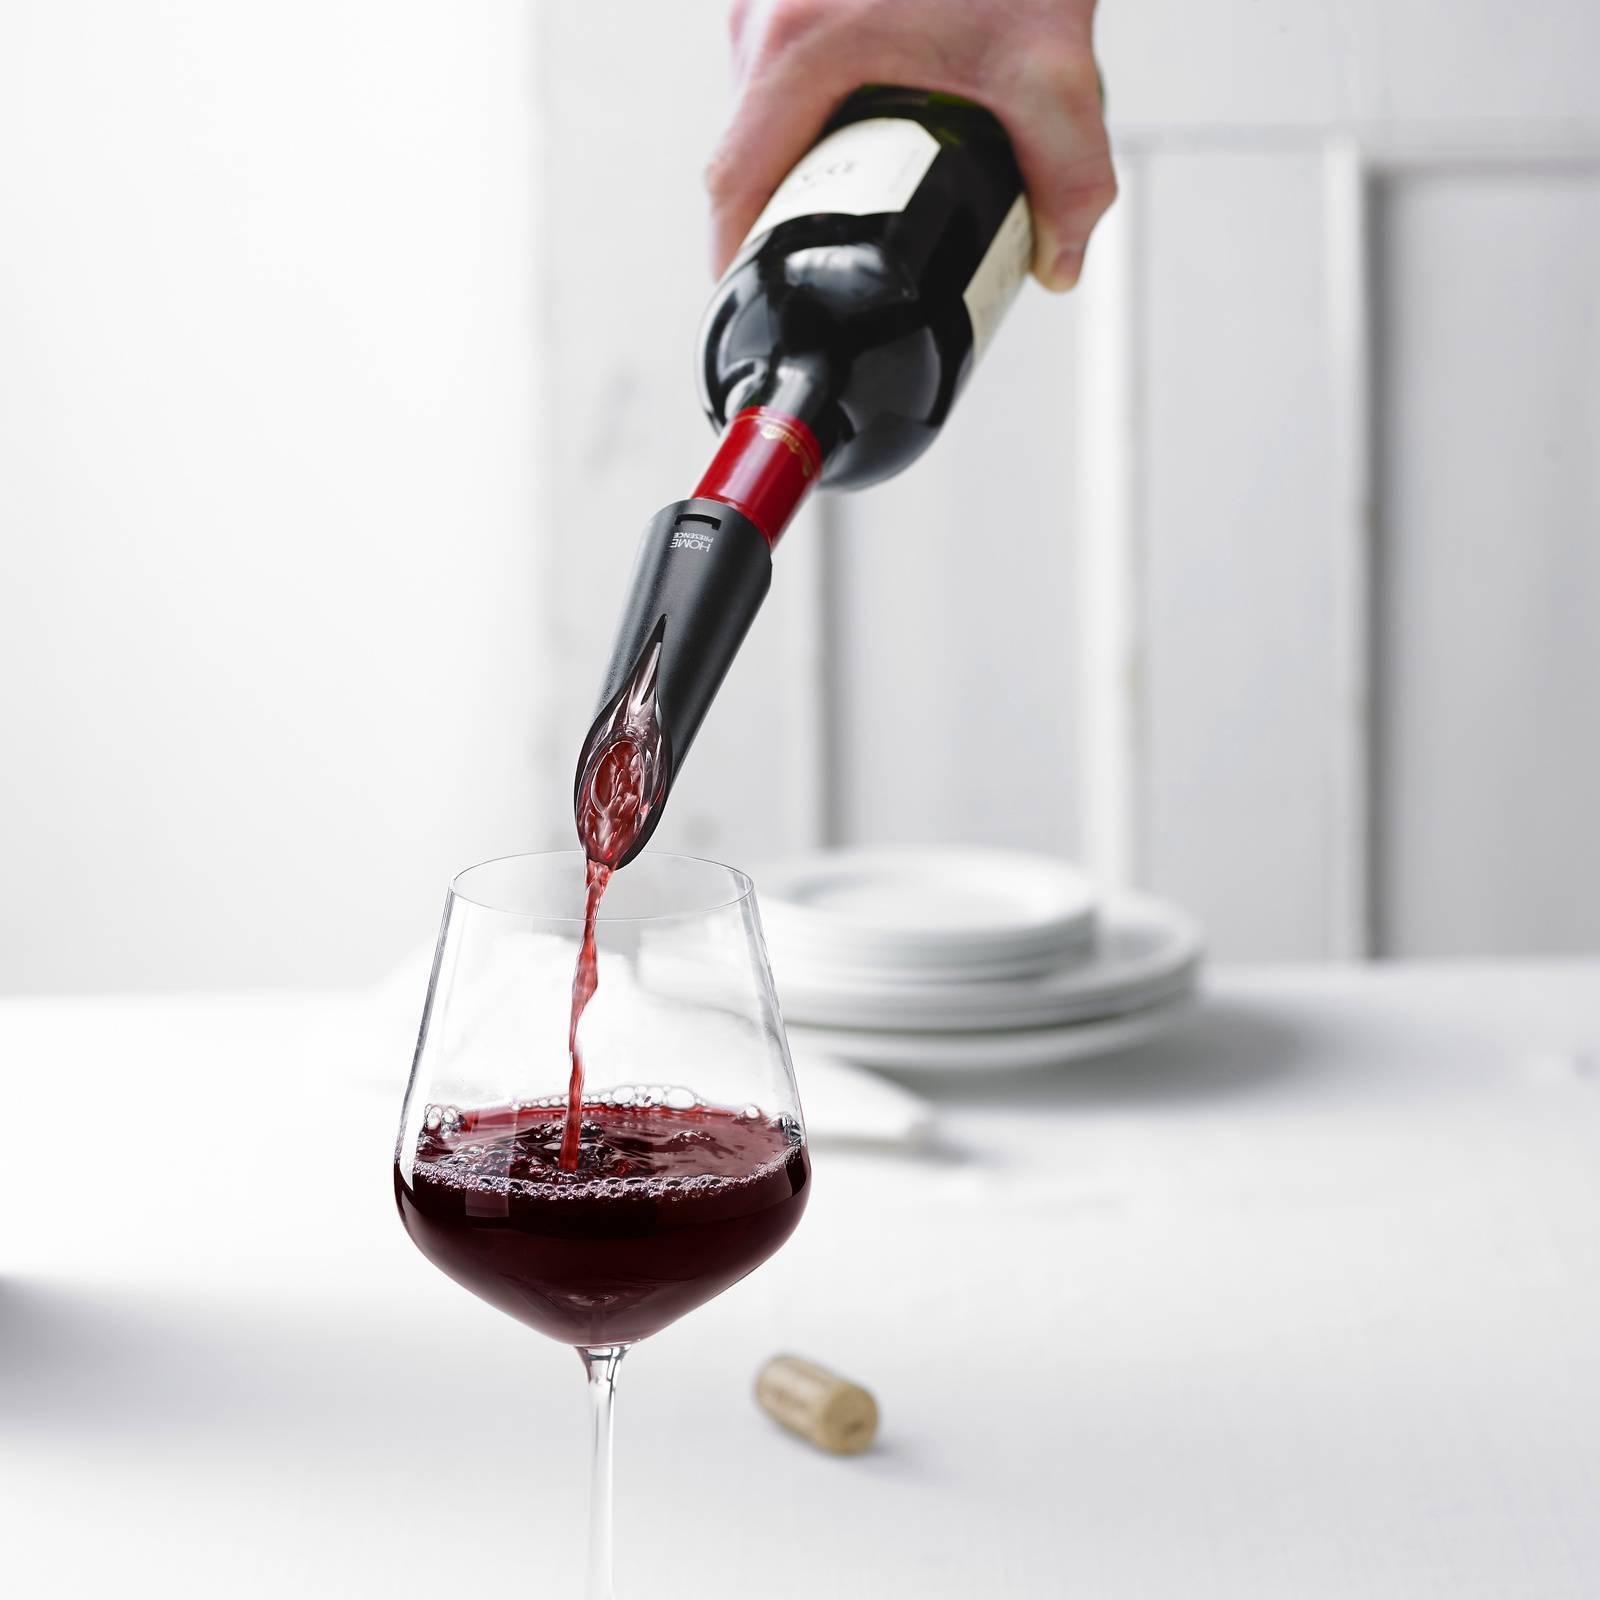 Аэратор для вина и аэрация вина сомелье для раскрытия танинов